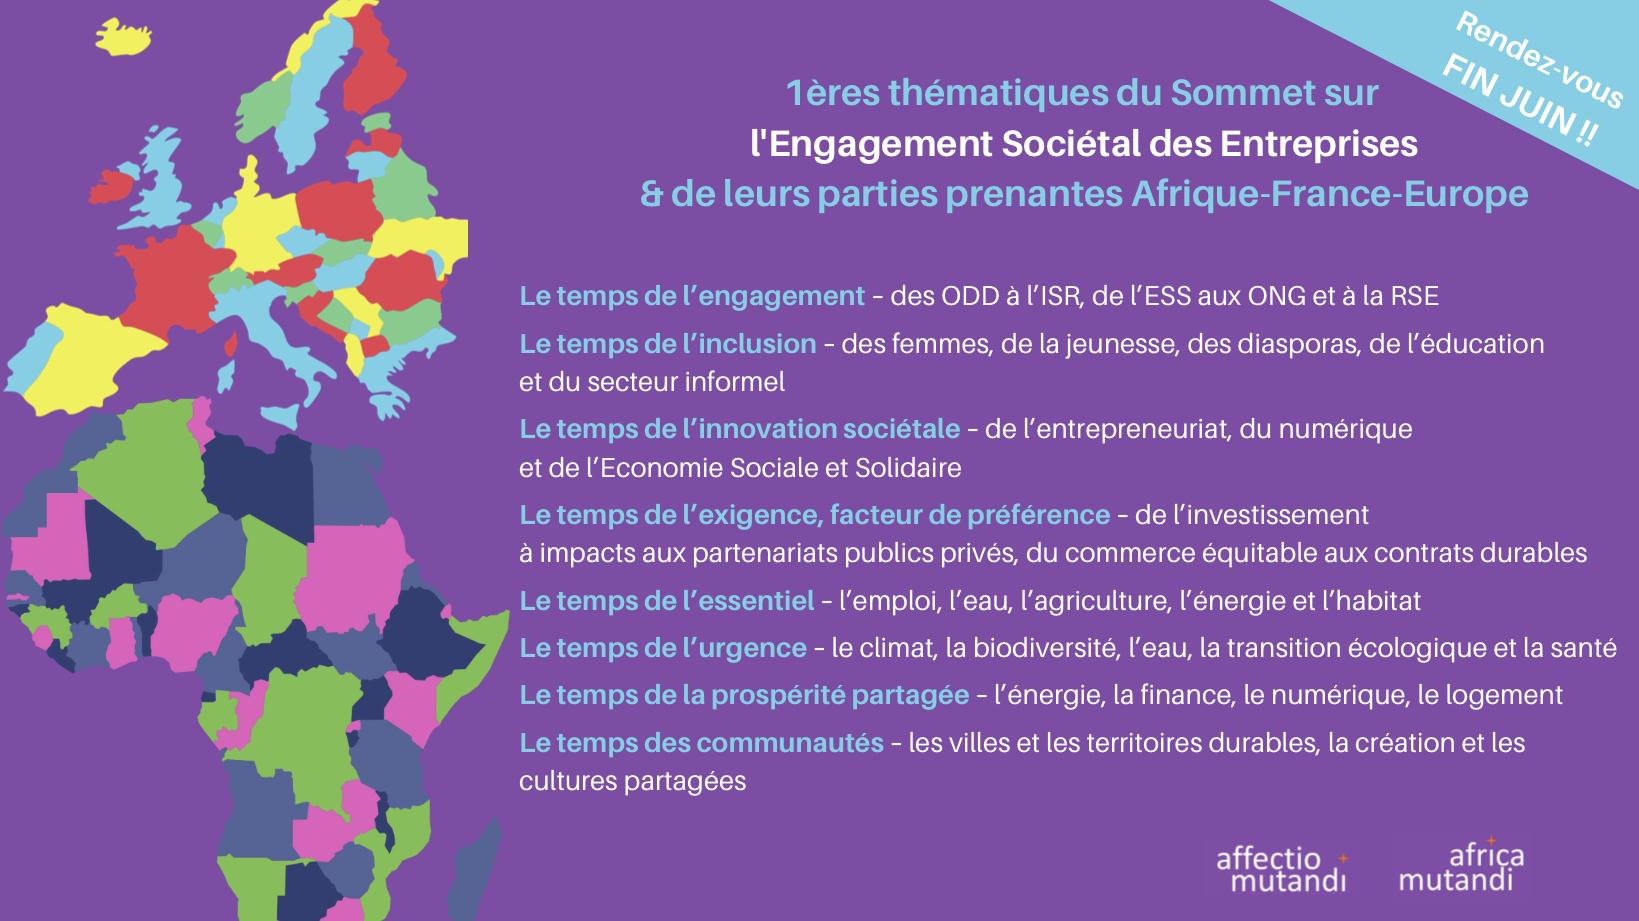 Sommet sur l'Engagement Sociétal des Entreprises entre l'Afrique, la France et l'Europe: les pré-inscriptions sont ouvertes!!!